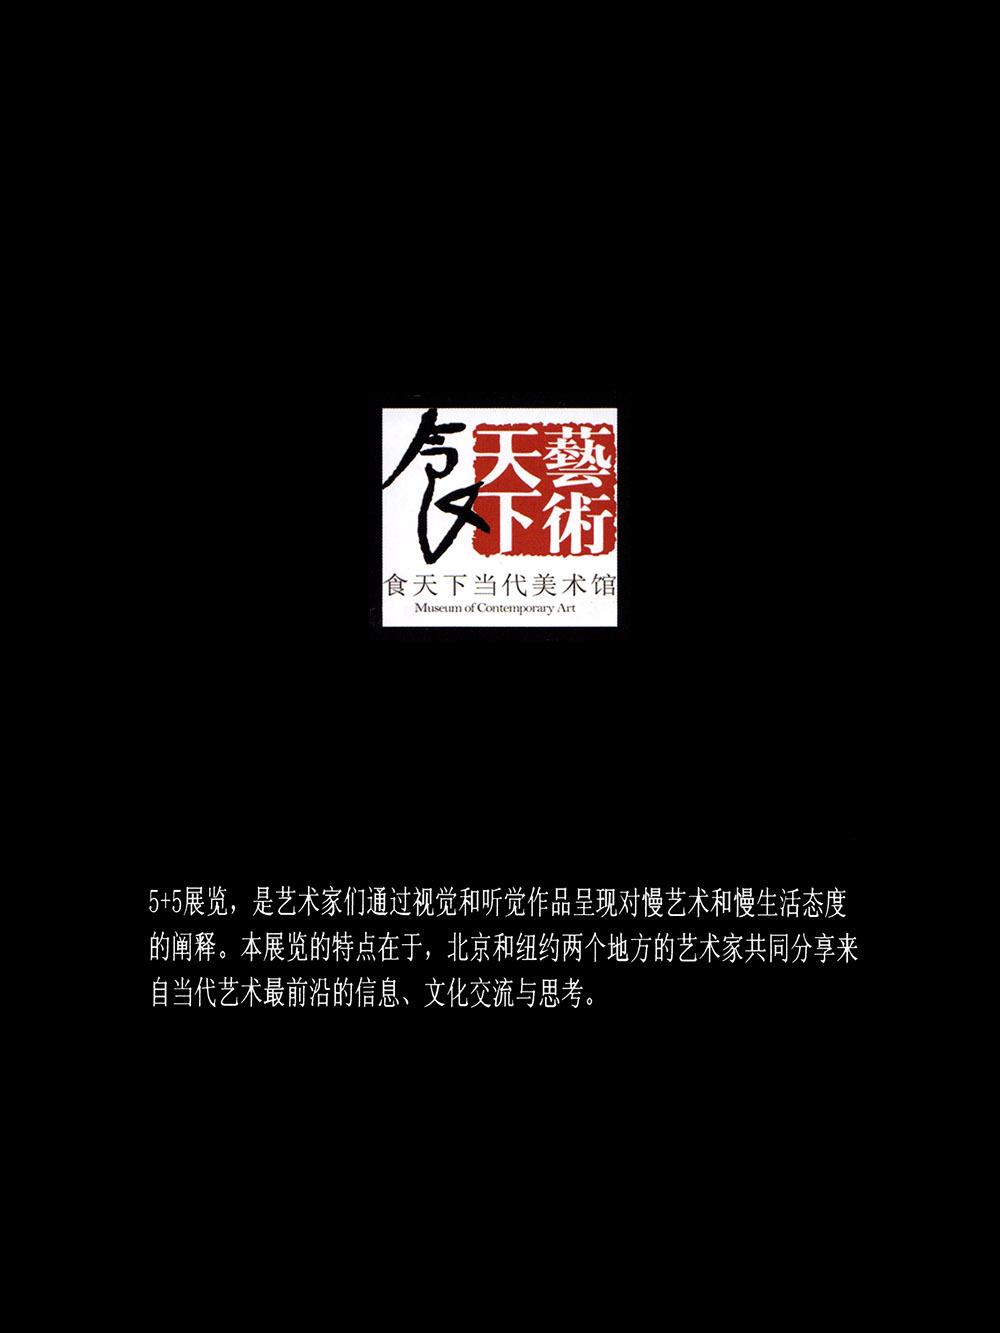 ChinaMuseumText.jpg